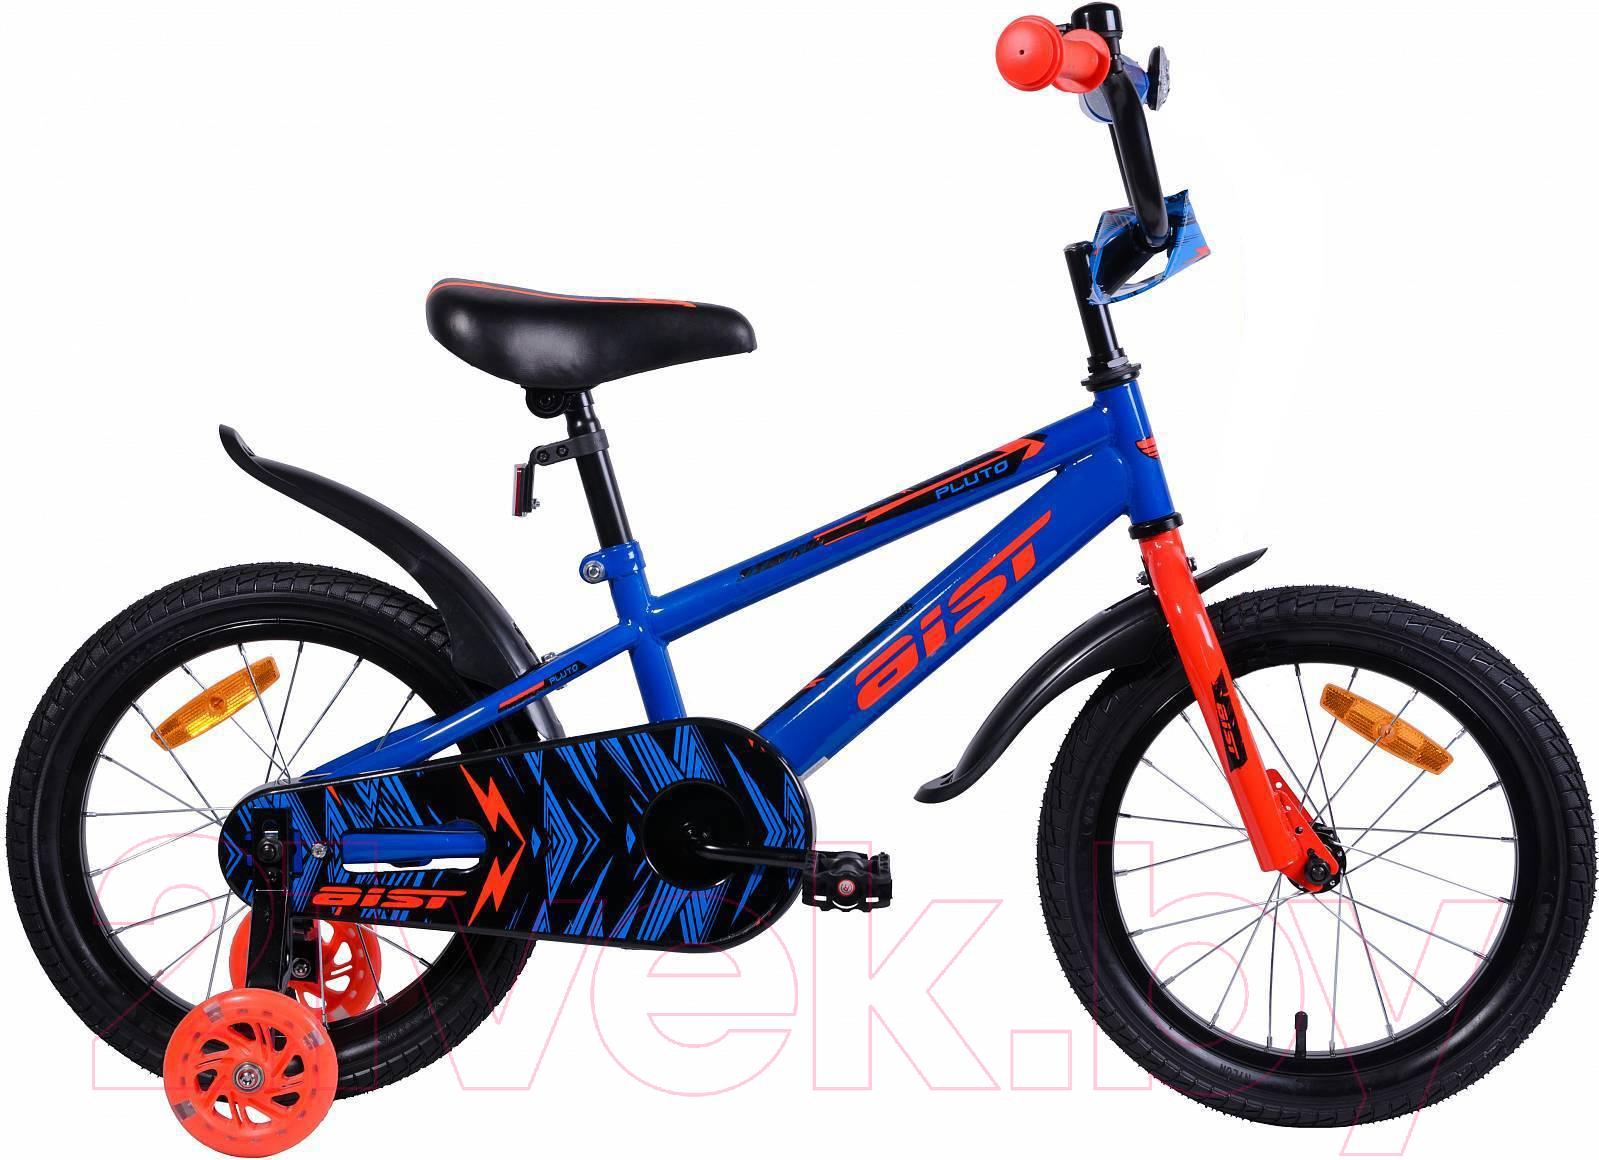 Купить Детский велосипед AIST, Pluto 2019 (14, синий), Беларусь